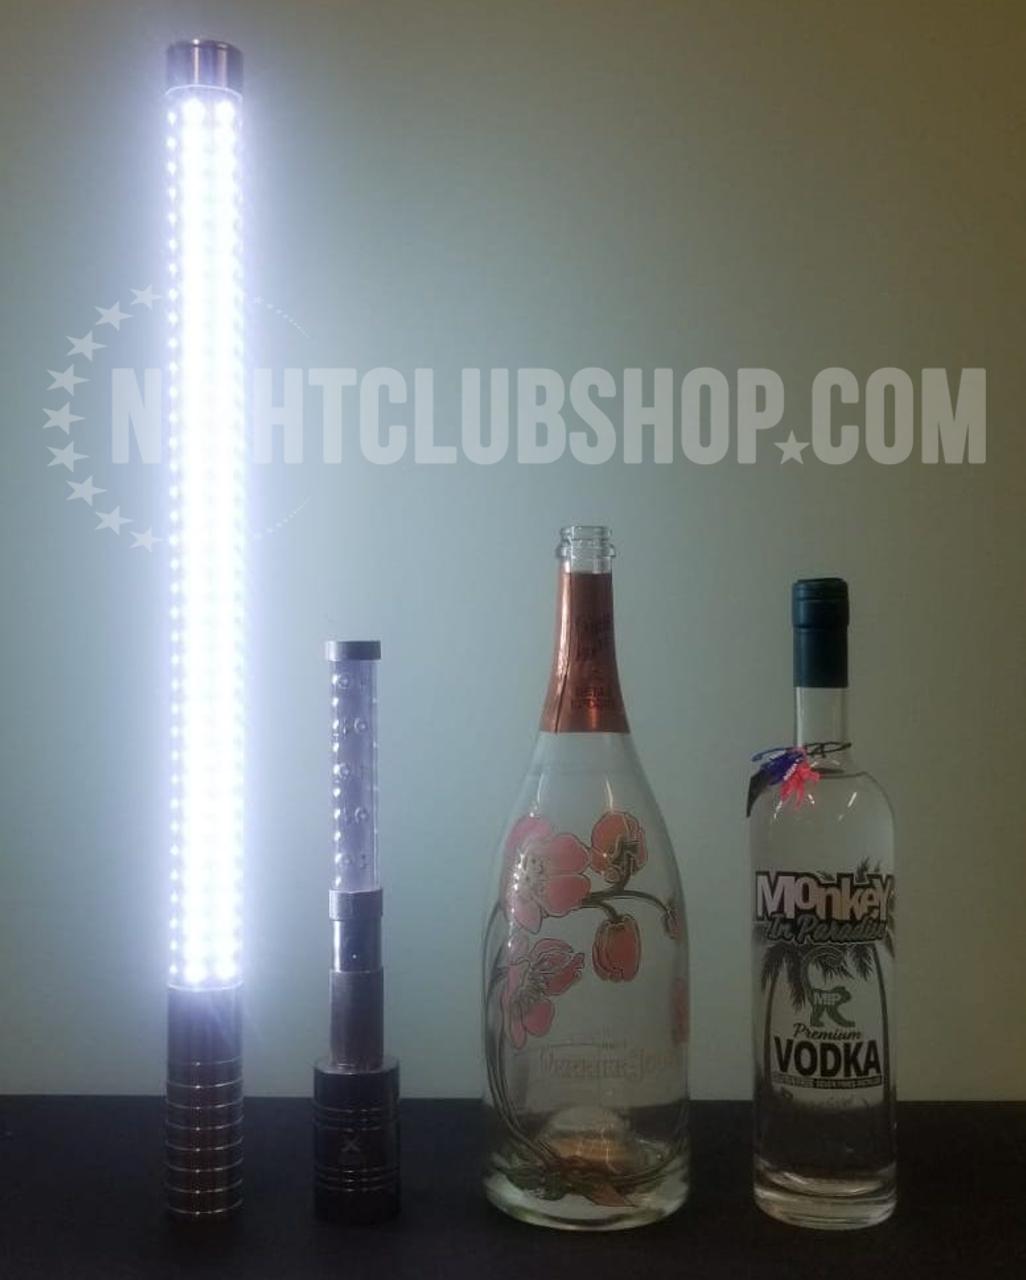 LED_Saber_strobe_baton_XL_Jumbo_electronic_sparkler_Bottle_Service_nightclubshop